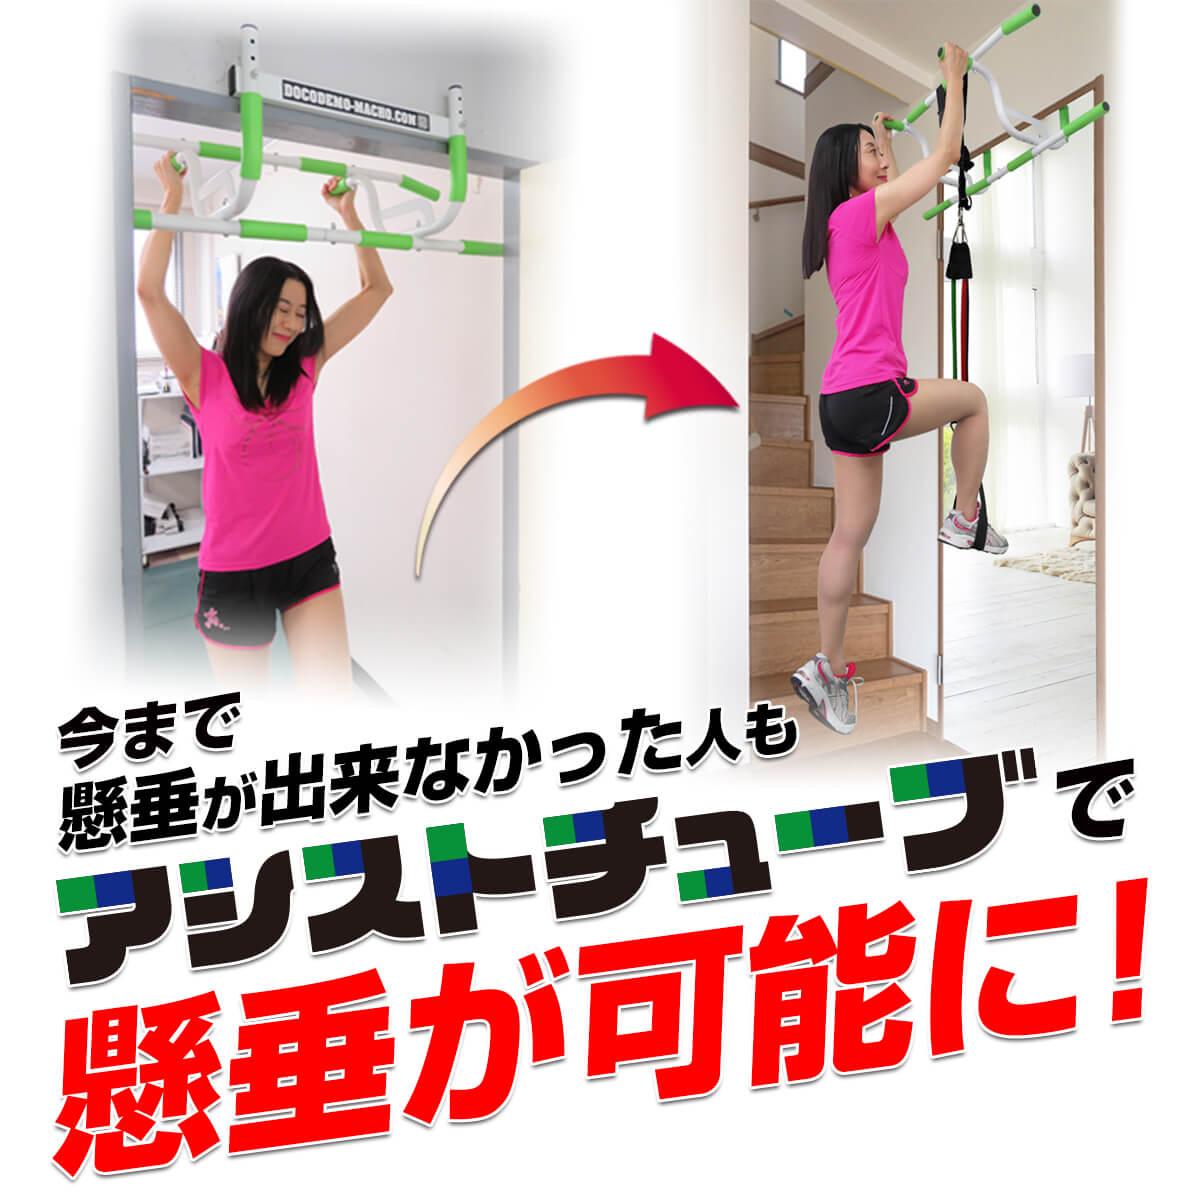 懸垂 どこでもマッチョ/どこでもマッチョPRO専用 アシストチューブ 自宅 ドア ぶら下がり健康器 マルチジム 腹筋 背筋